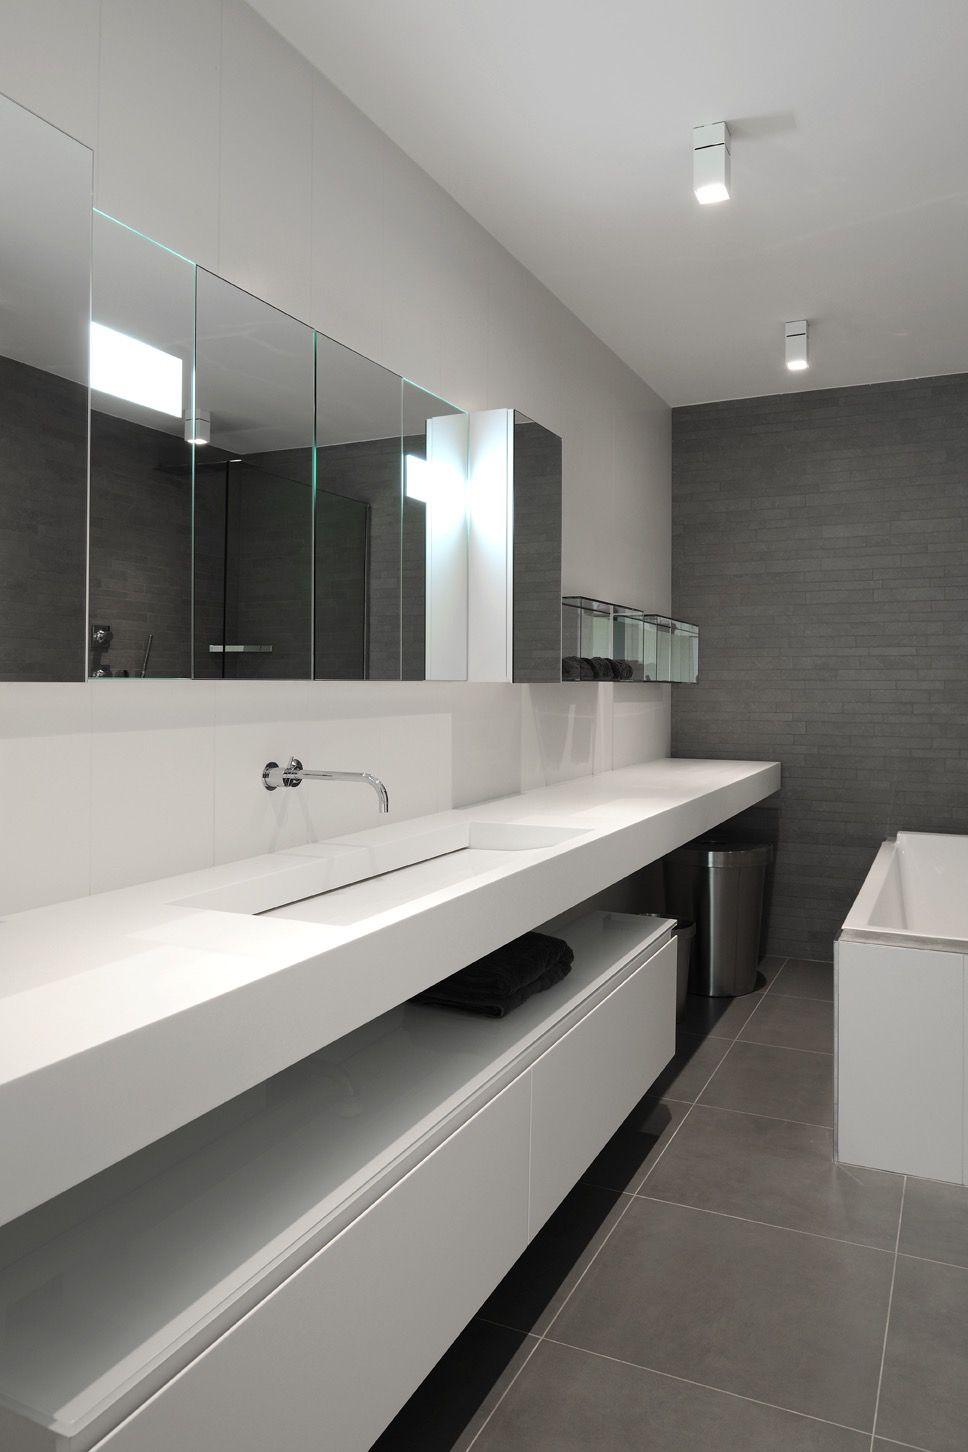 Salle De Bain Quelle Couleur Choisir ~  Pingl Par C Line Dufresne Sur Salle De Bain Bathroom Pinterest